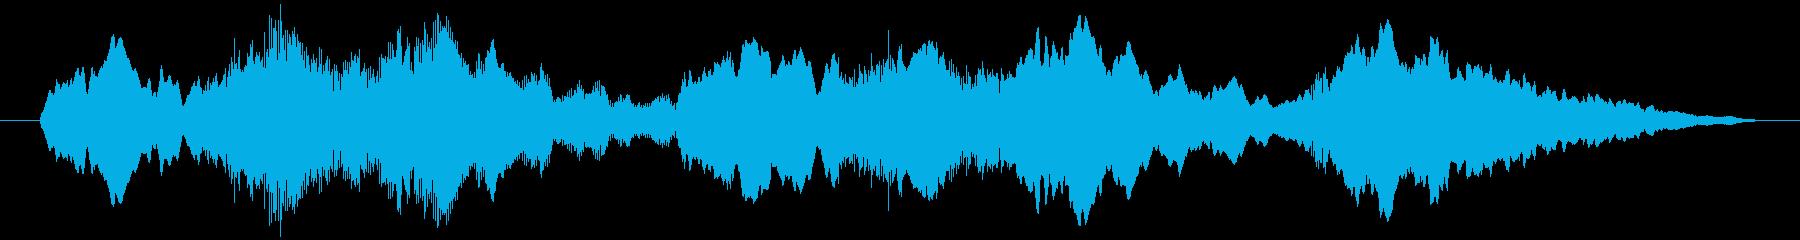 ローストリングパッドの再生済みの波形